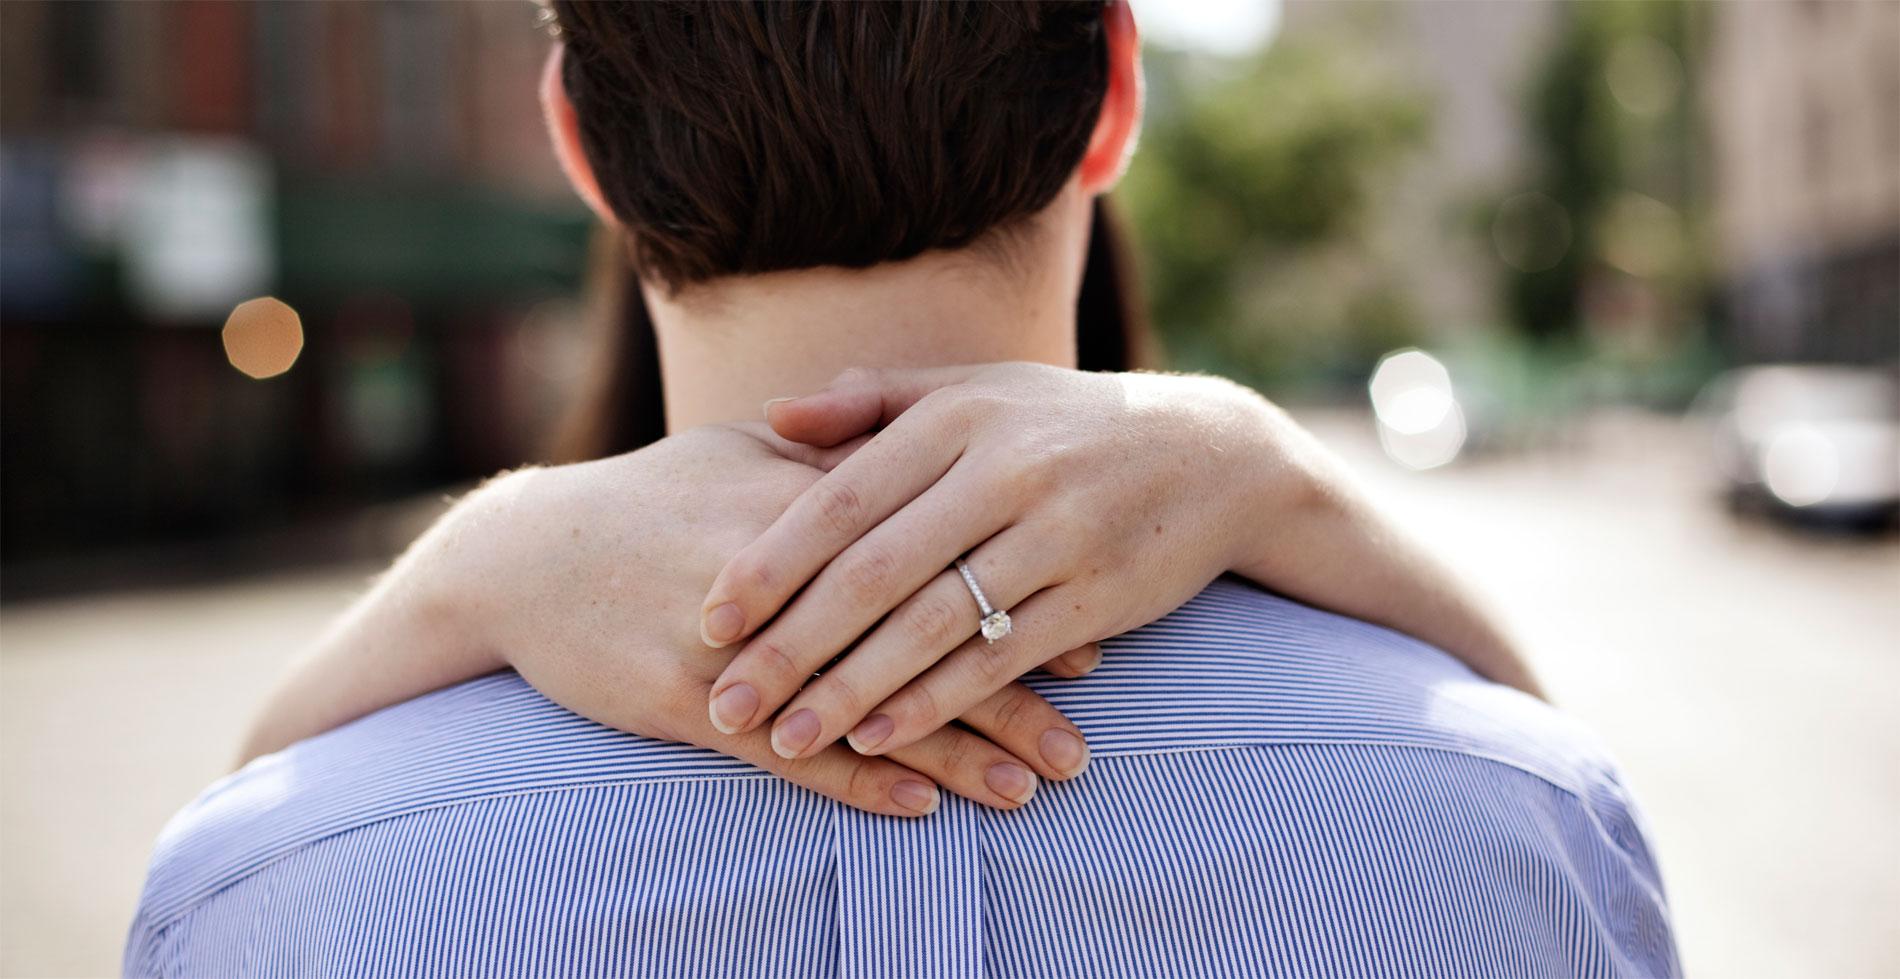 se fiancés avant un an de rencontres applications de rencontres gratuites pour iPhone 4